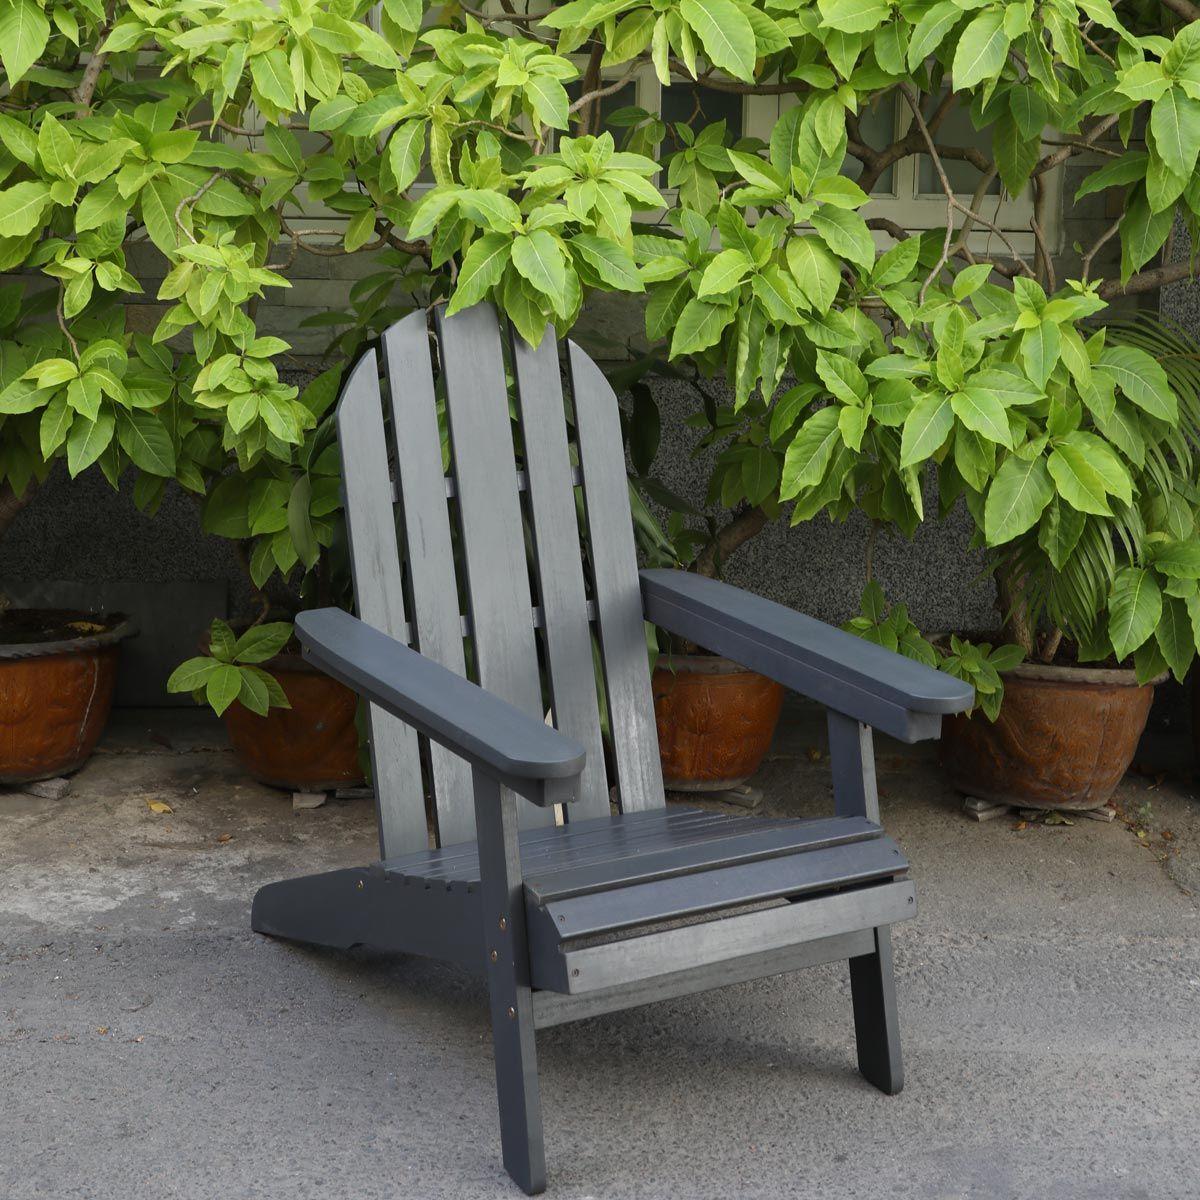 Coussin Pour Fauteuil Adirondack fauteuil bas adirondack | nature & découvertes